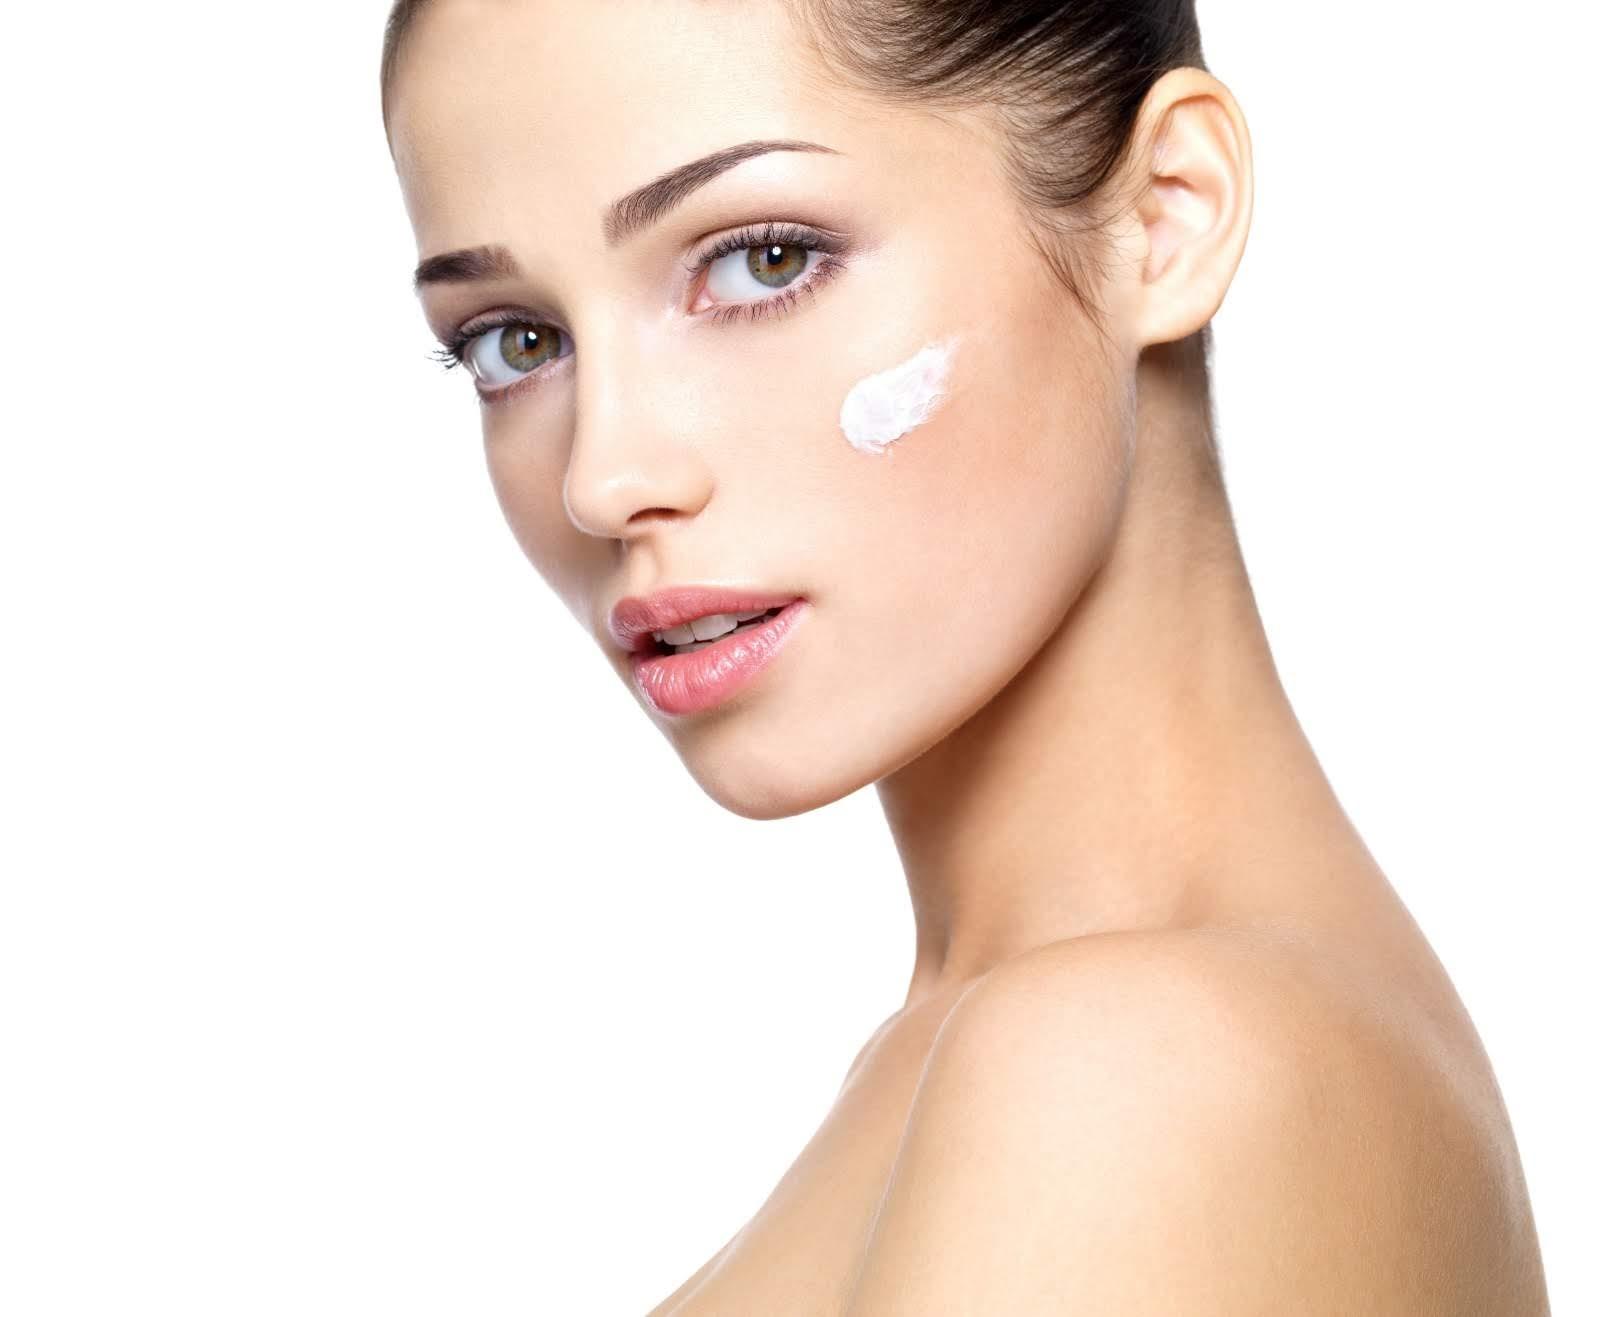 Dermatología, la disciplina especializada en el cuidado de la piel